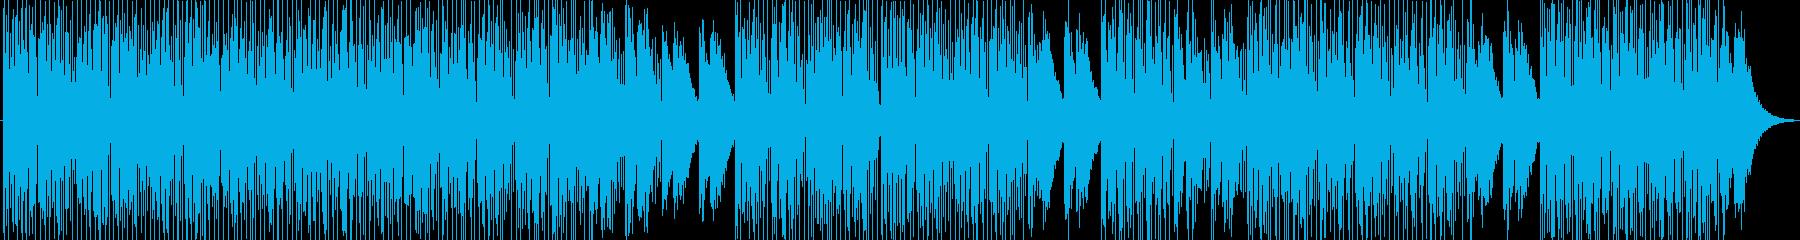 ボンヤリとした雰囲気のループ風BGMですの再生済みの波形